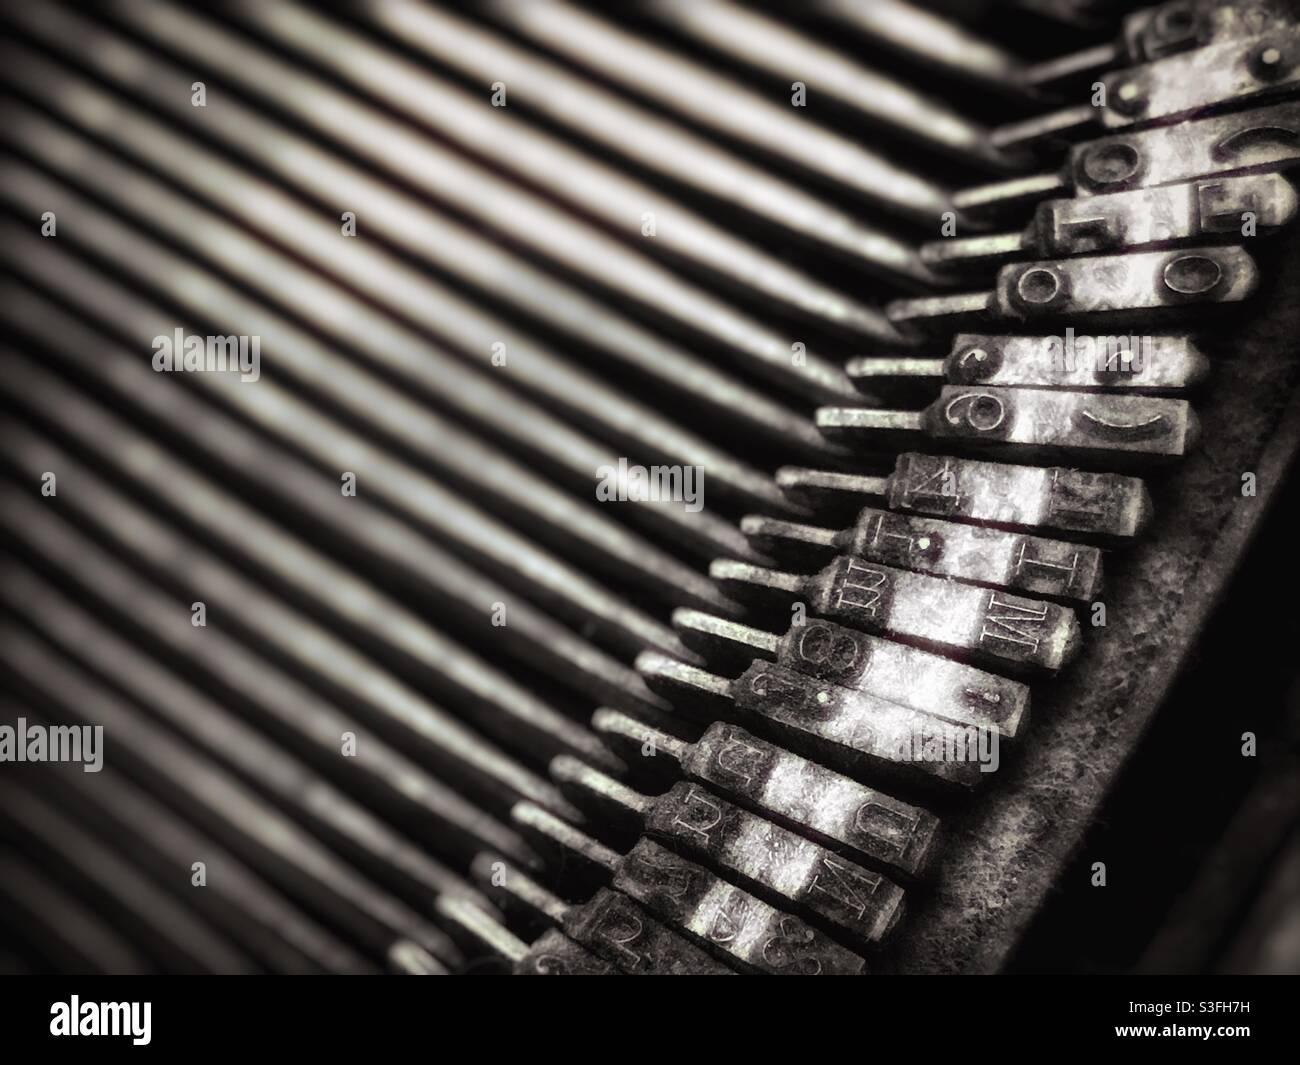 Immagine dettagliata degli attaccanti di macchine da scrivere vintage in tonalità seppia Foto Stock